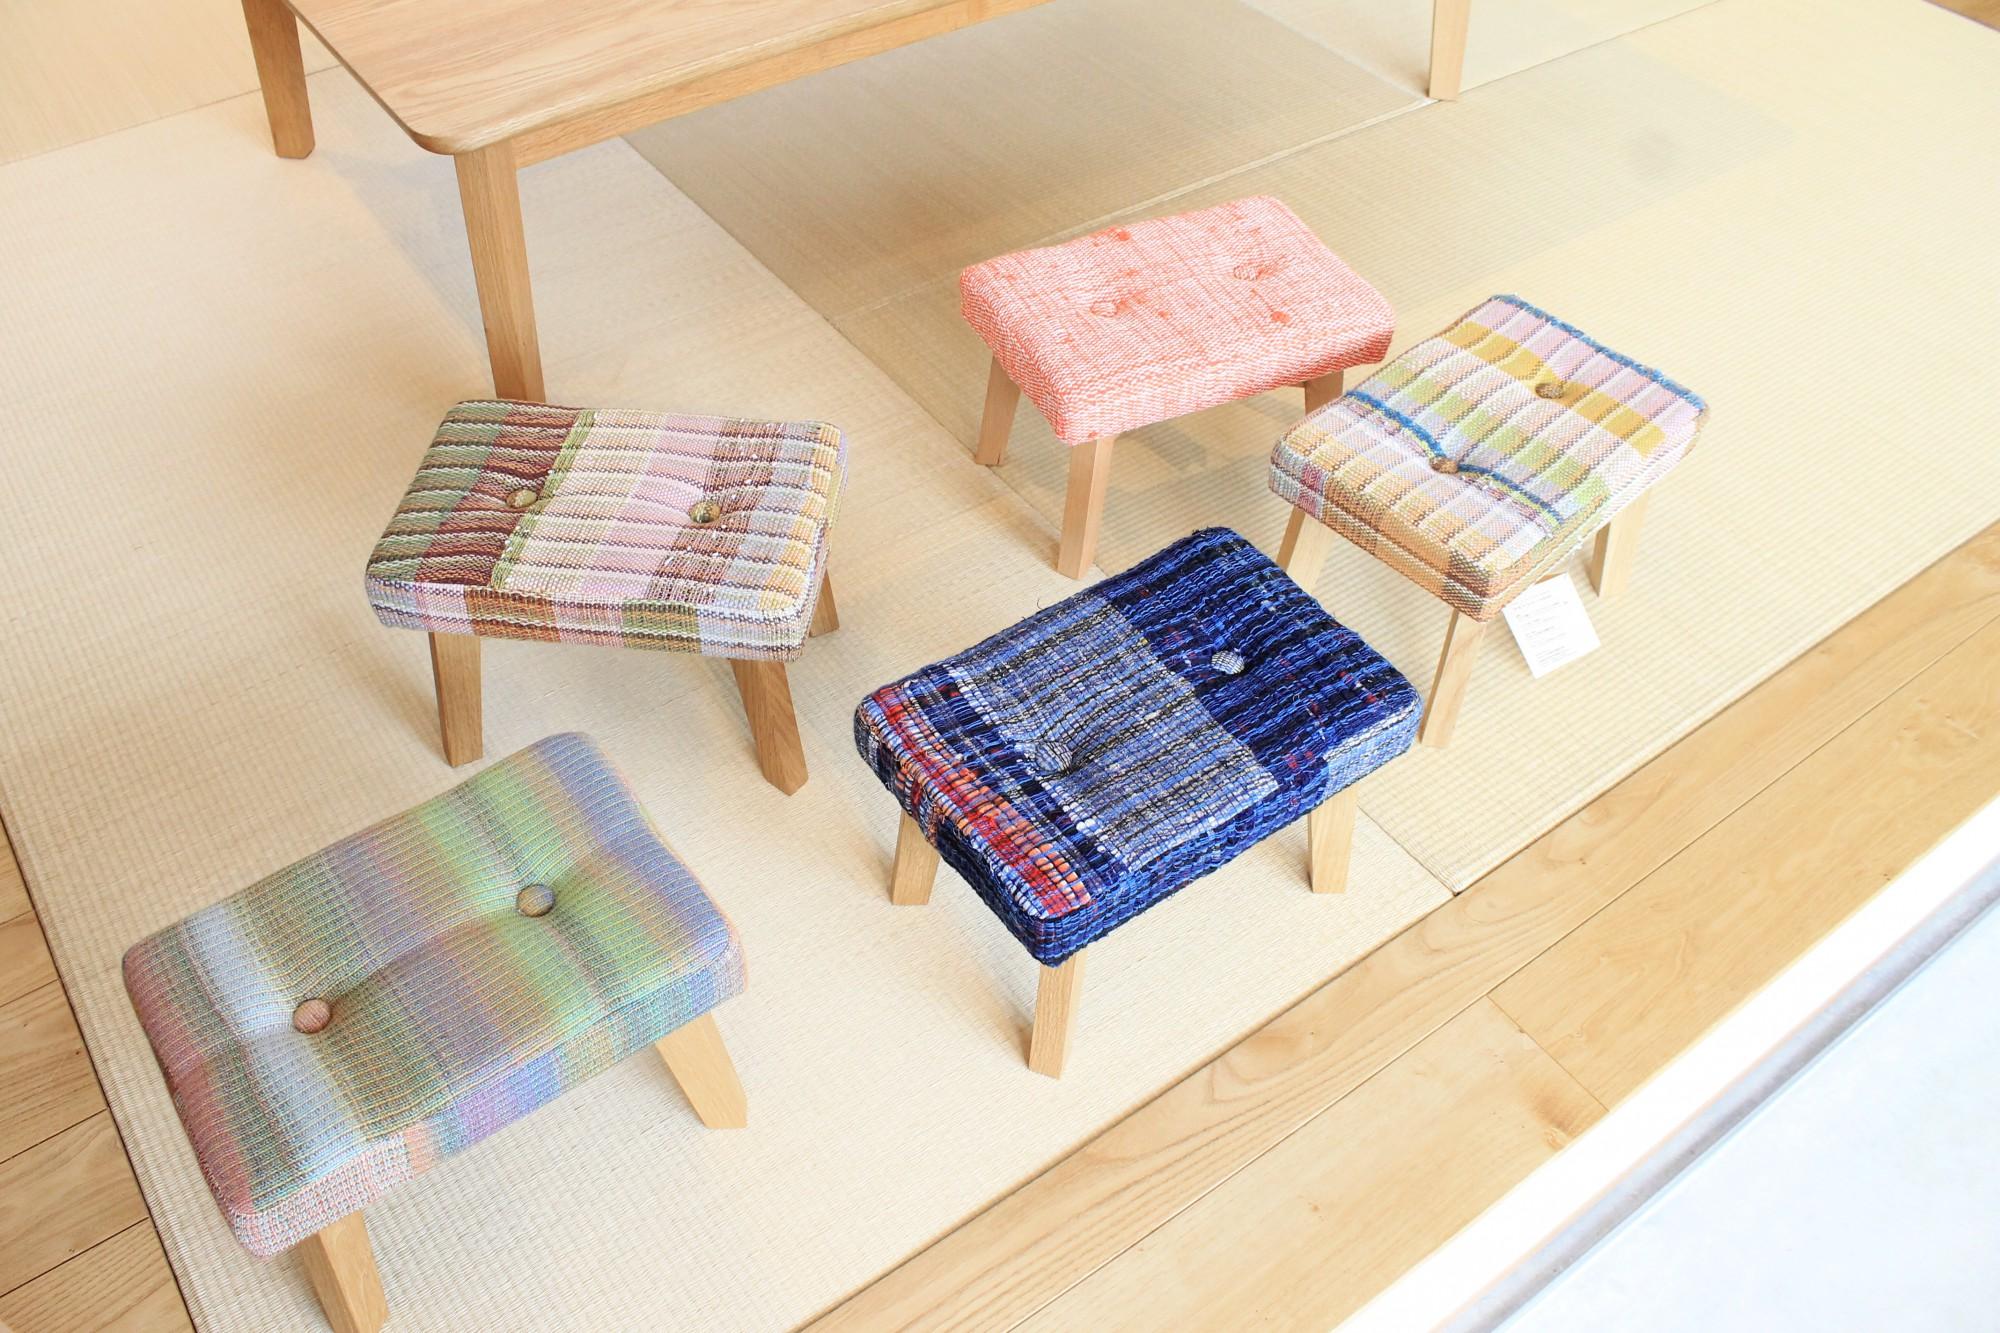 福祉作業施設で作られた、さをり織をつかったスツールも、九里家具製作所を代表する家具の1つです。同じ柄はなく、選ぶのに迷います。